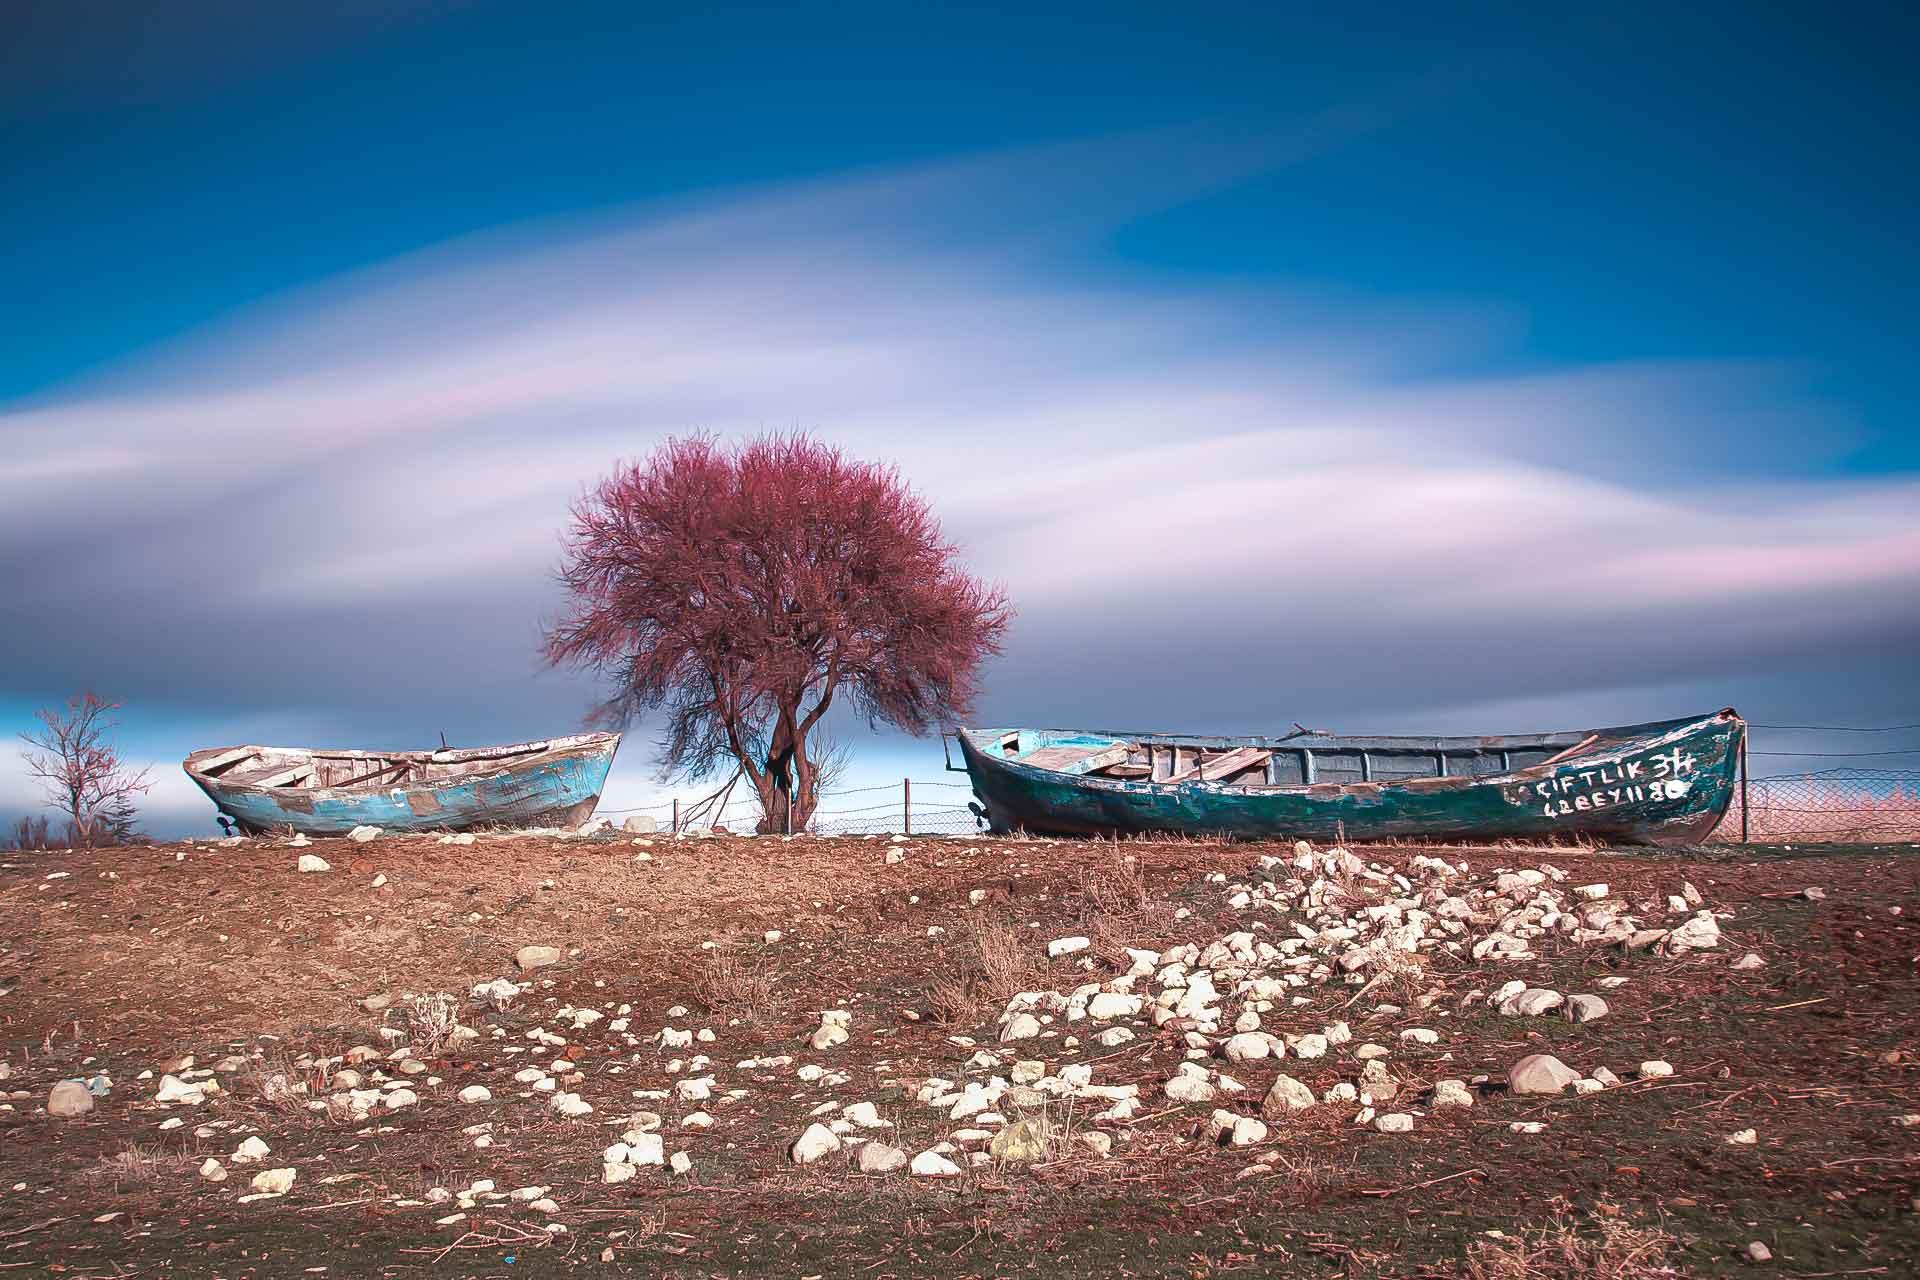 Beyşehir Fotoğrafları Tekne ve Ağaç Çekergezer Hakan Aydın Fotoğrafları